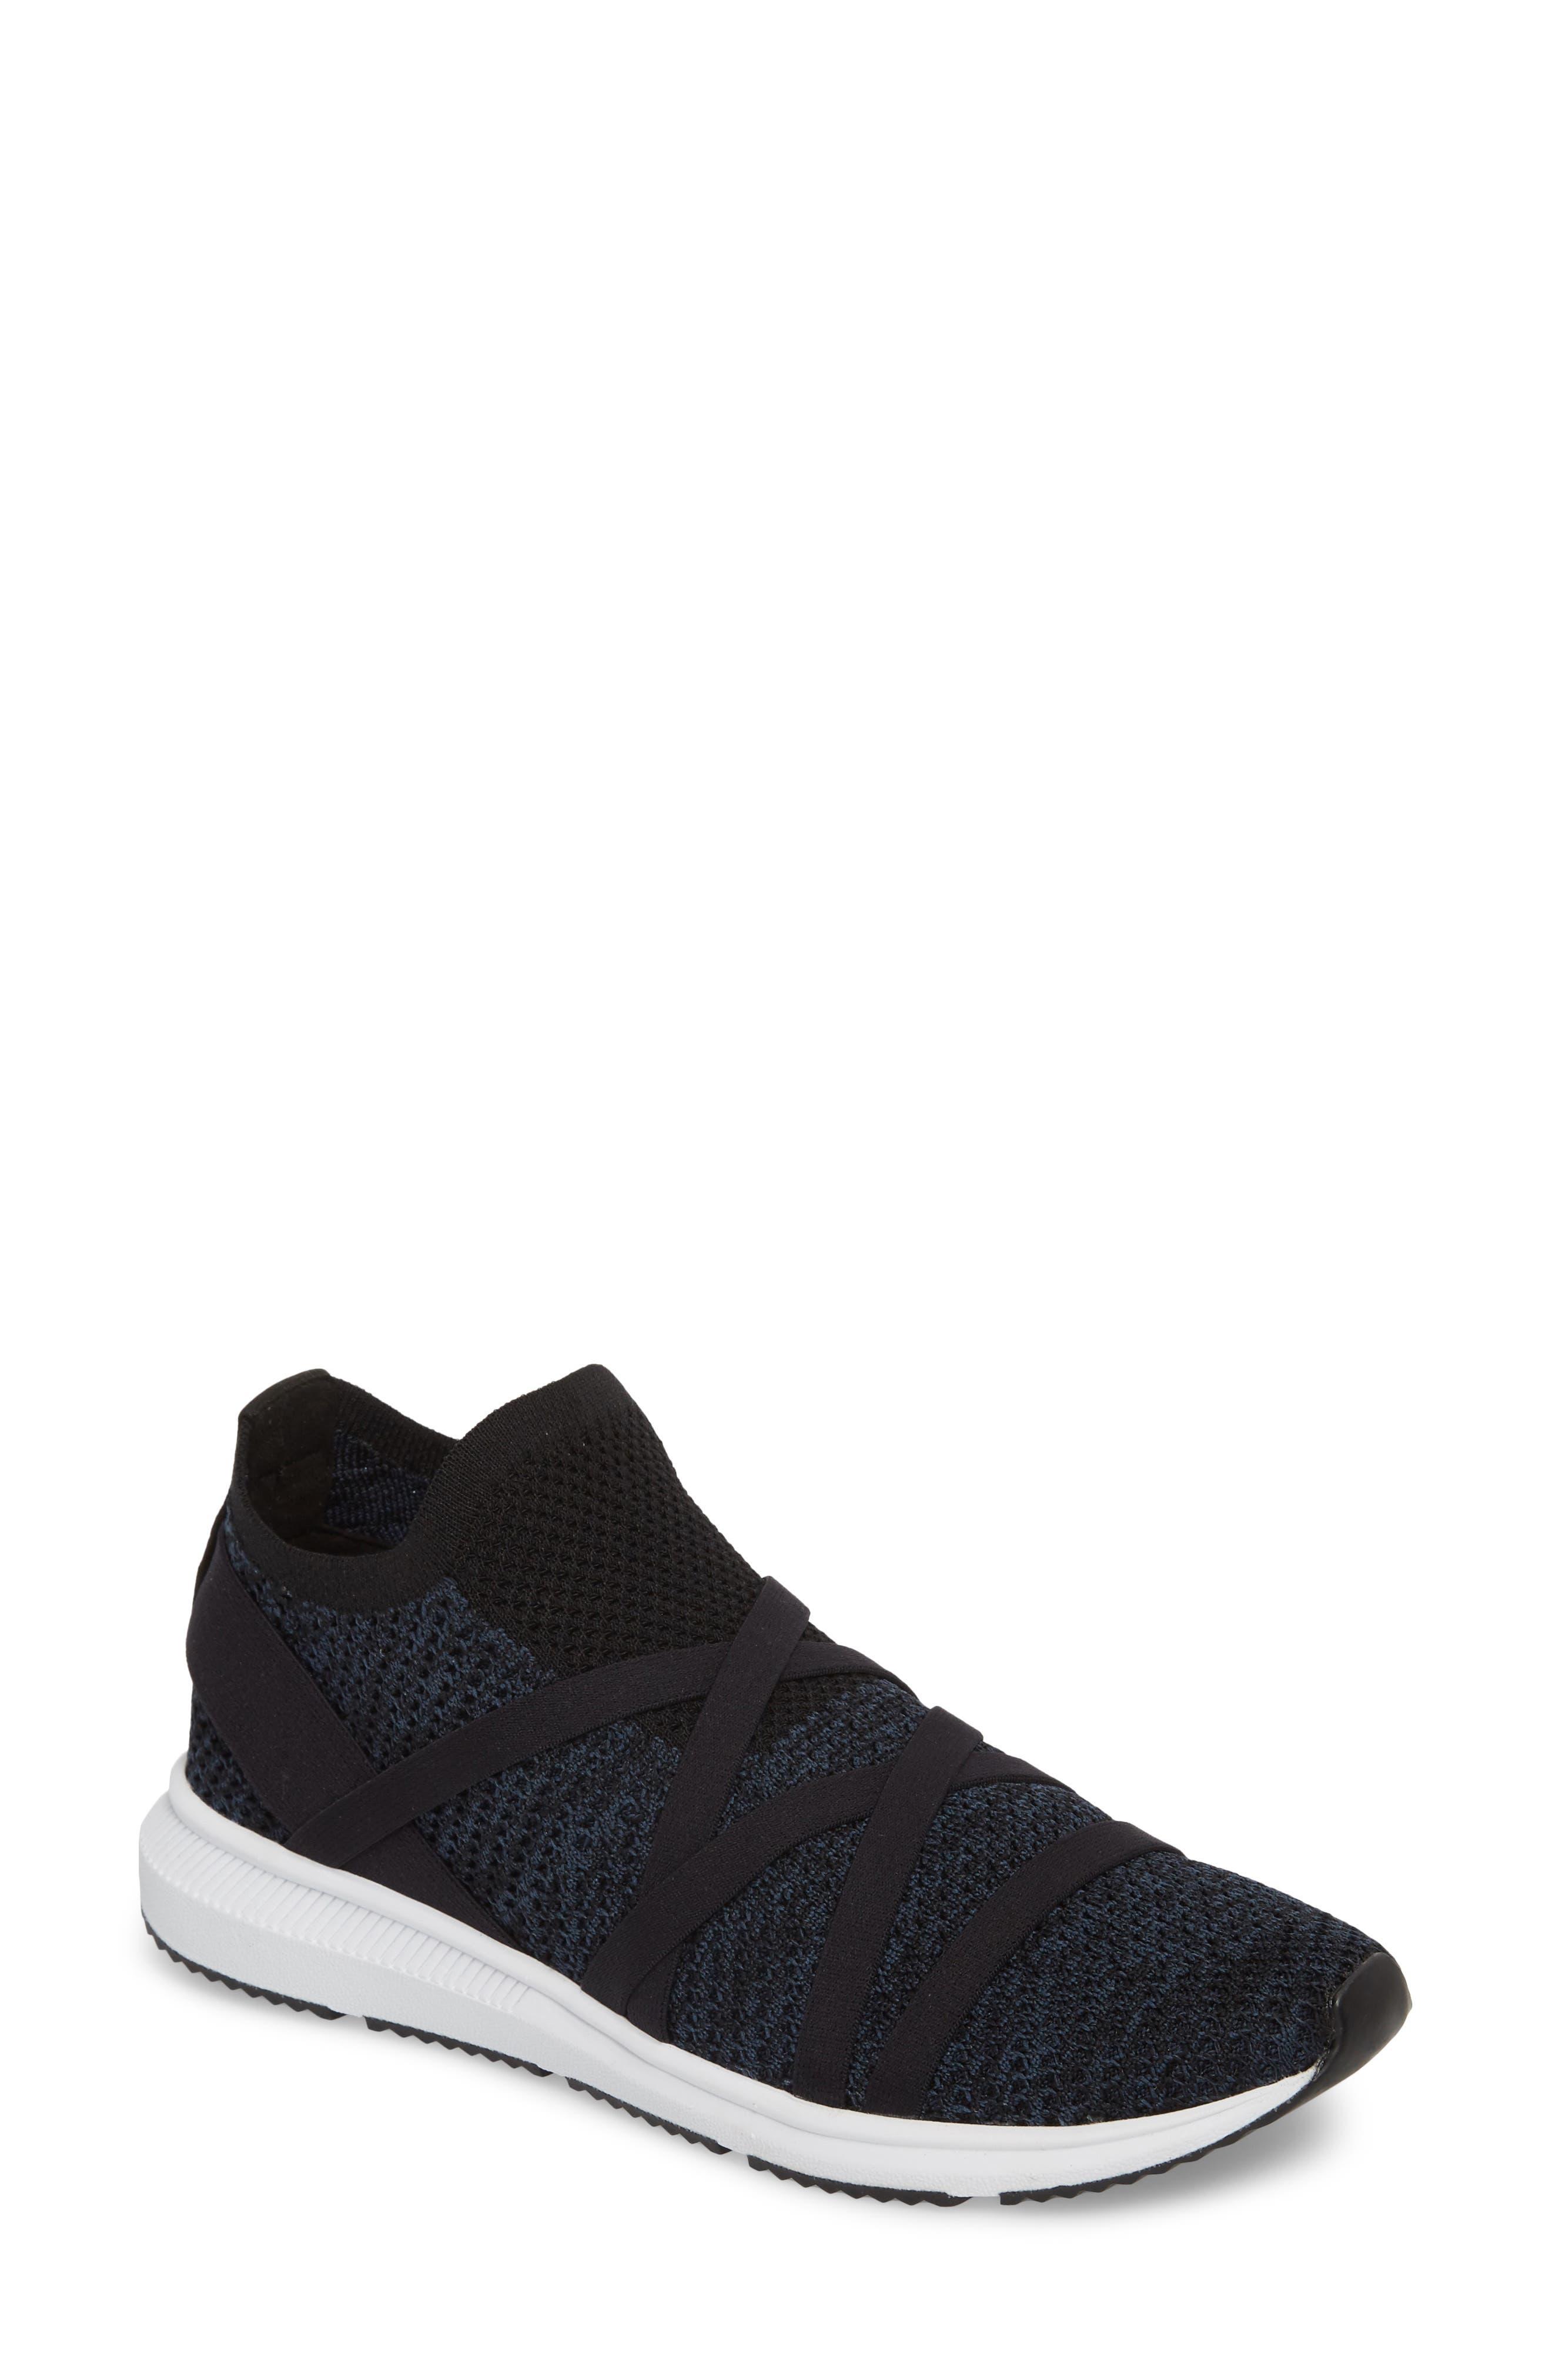 Main Image - Eileen Fisher Xanady Woven Slip-On Sneaker (Women)